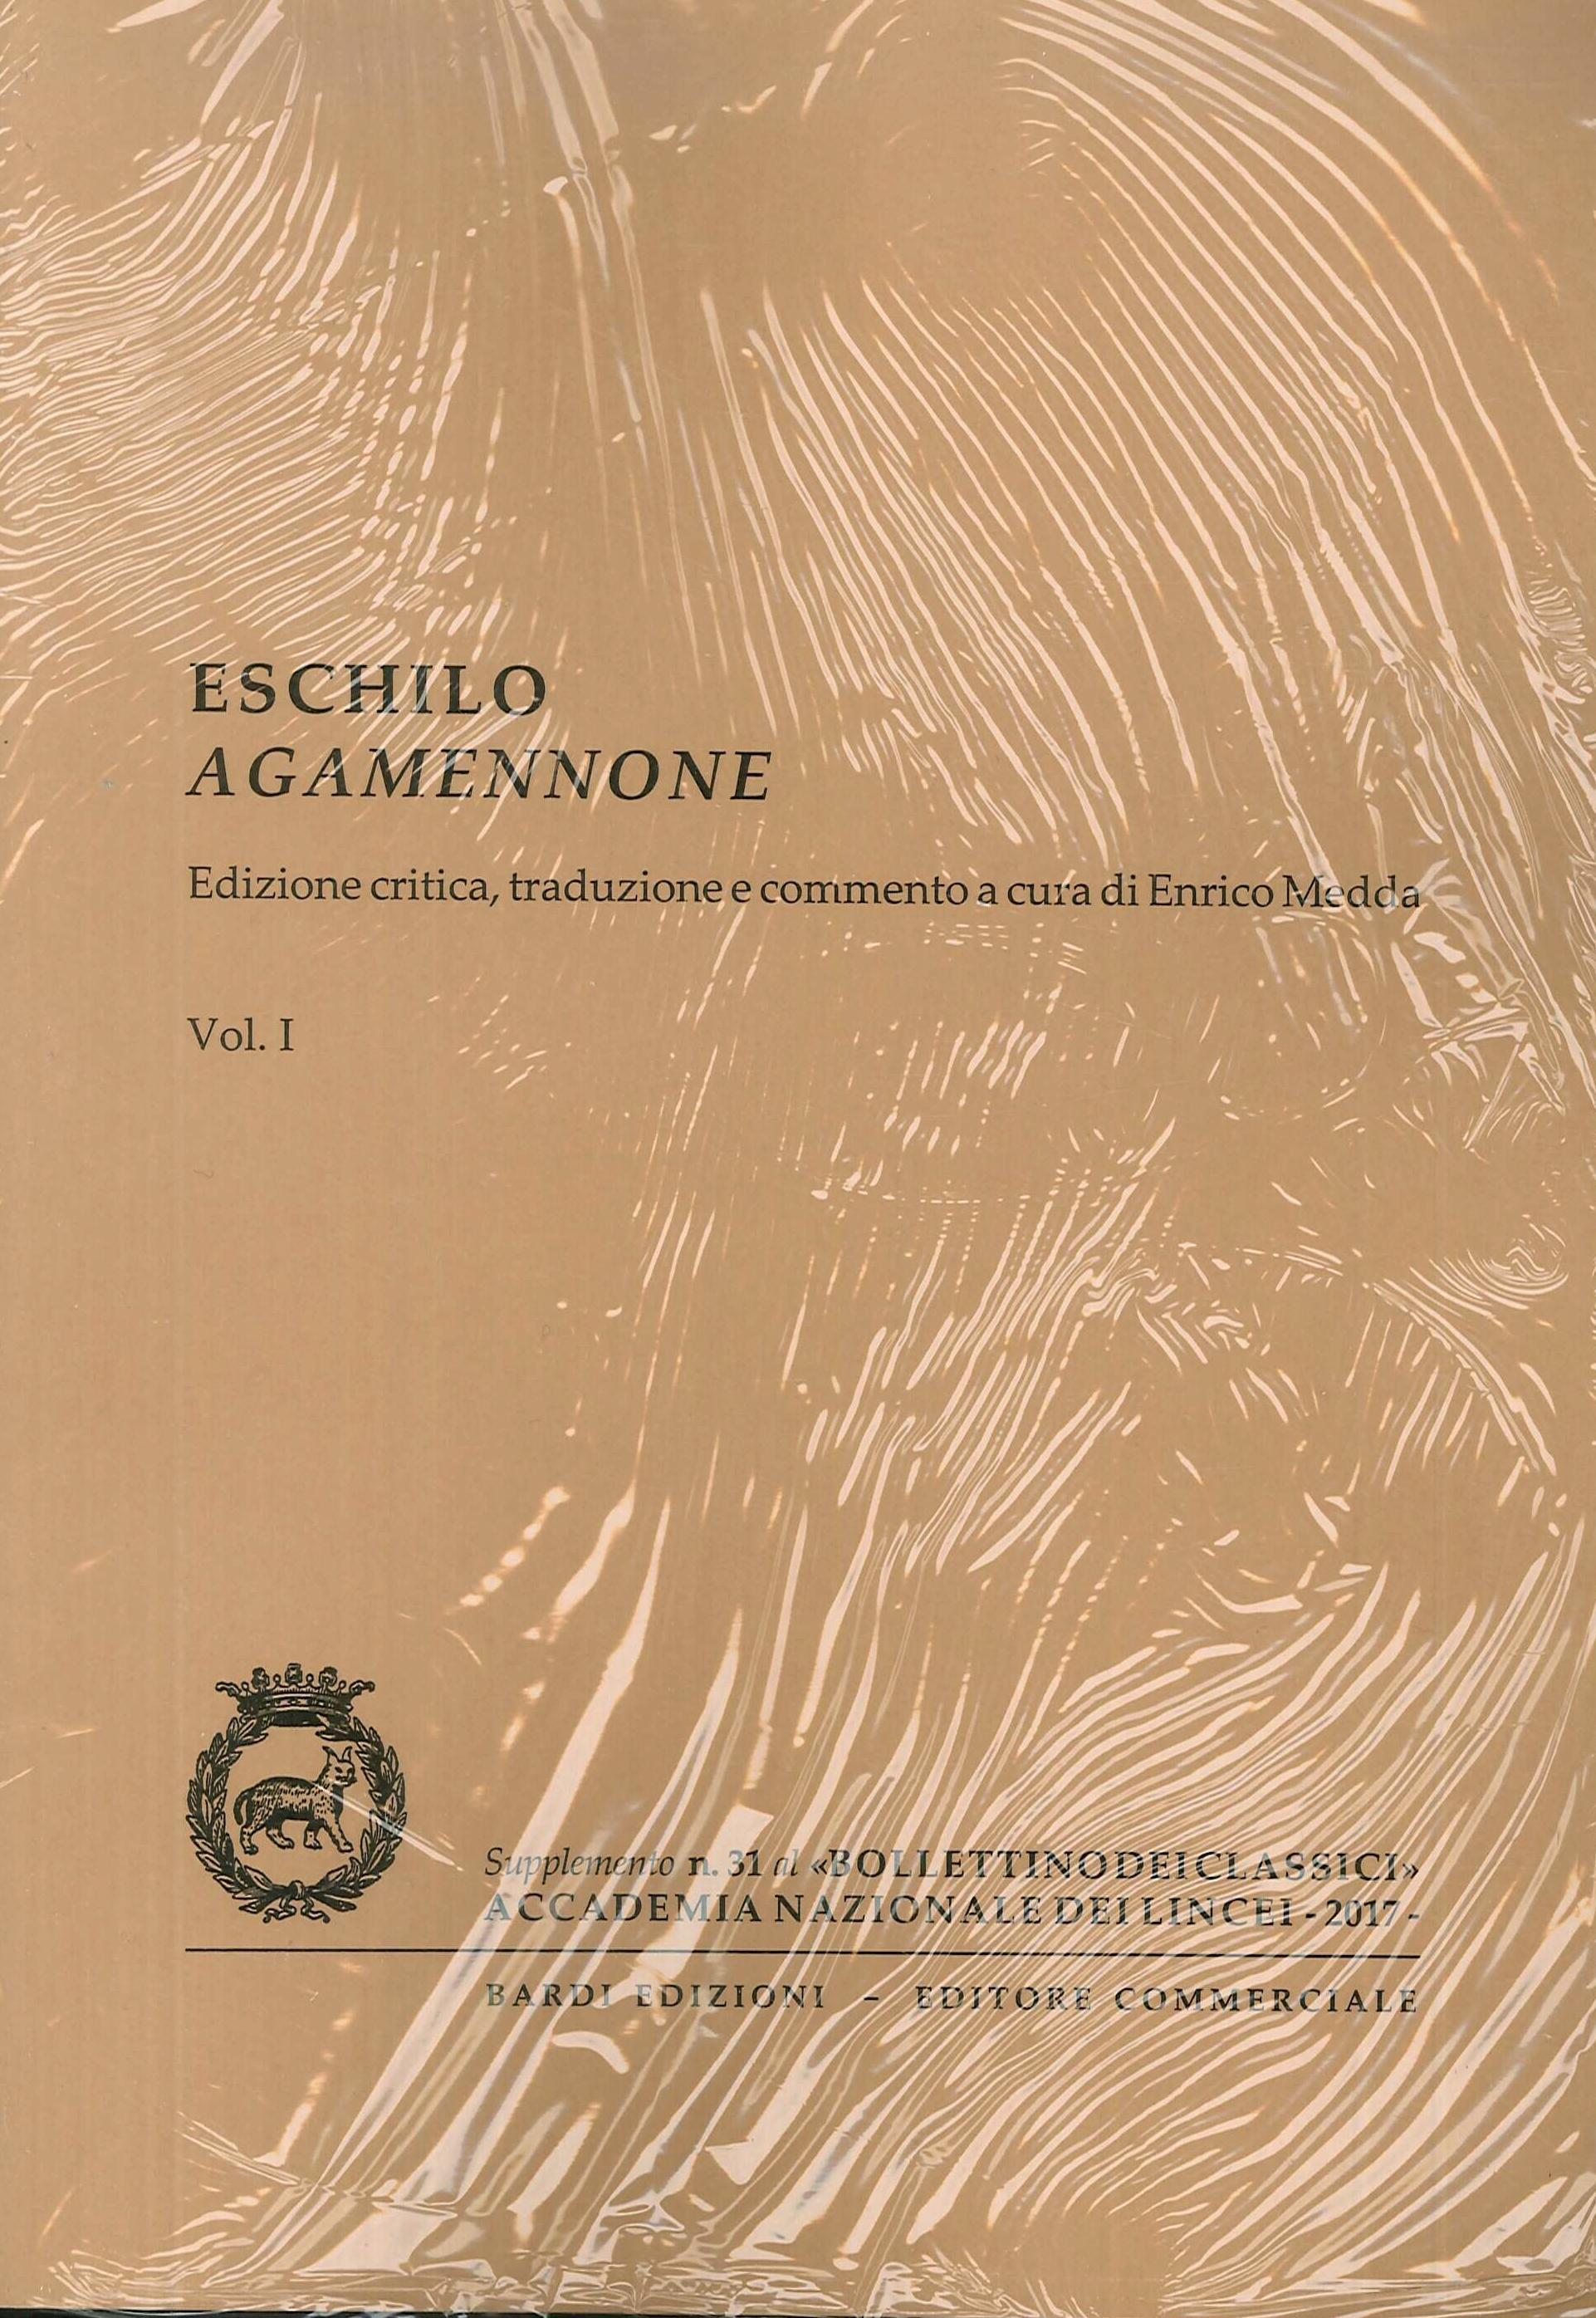 Eschilo Agamennone